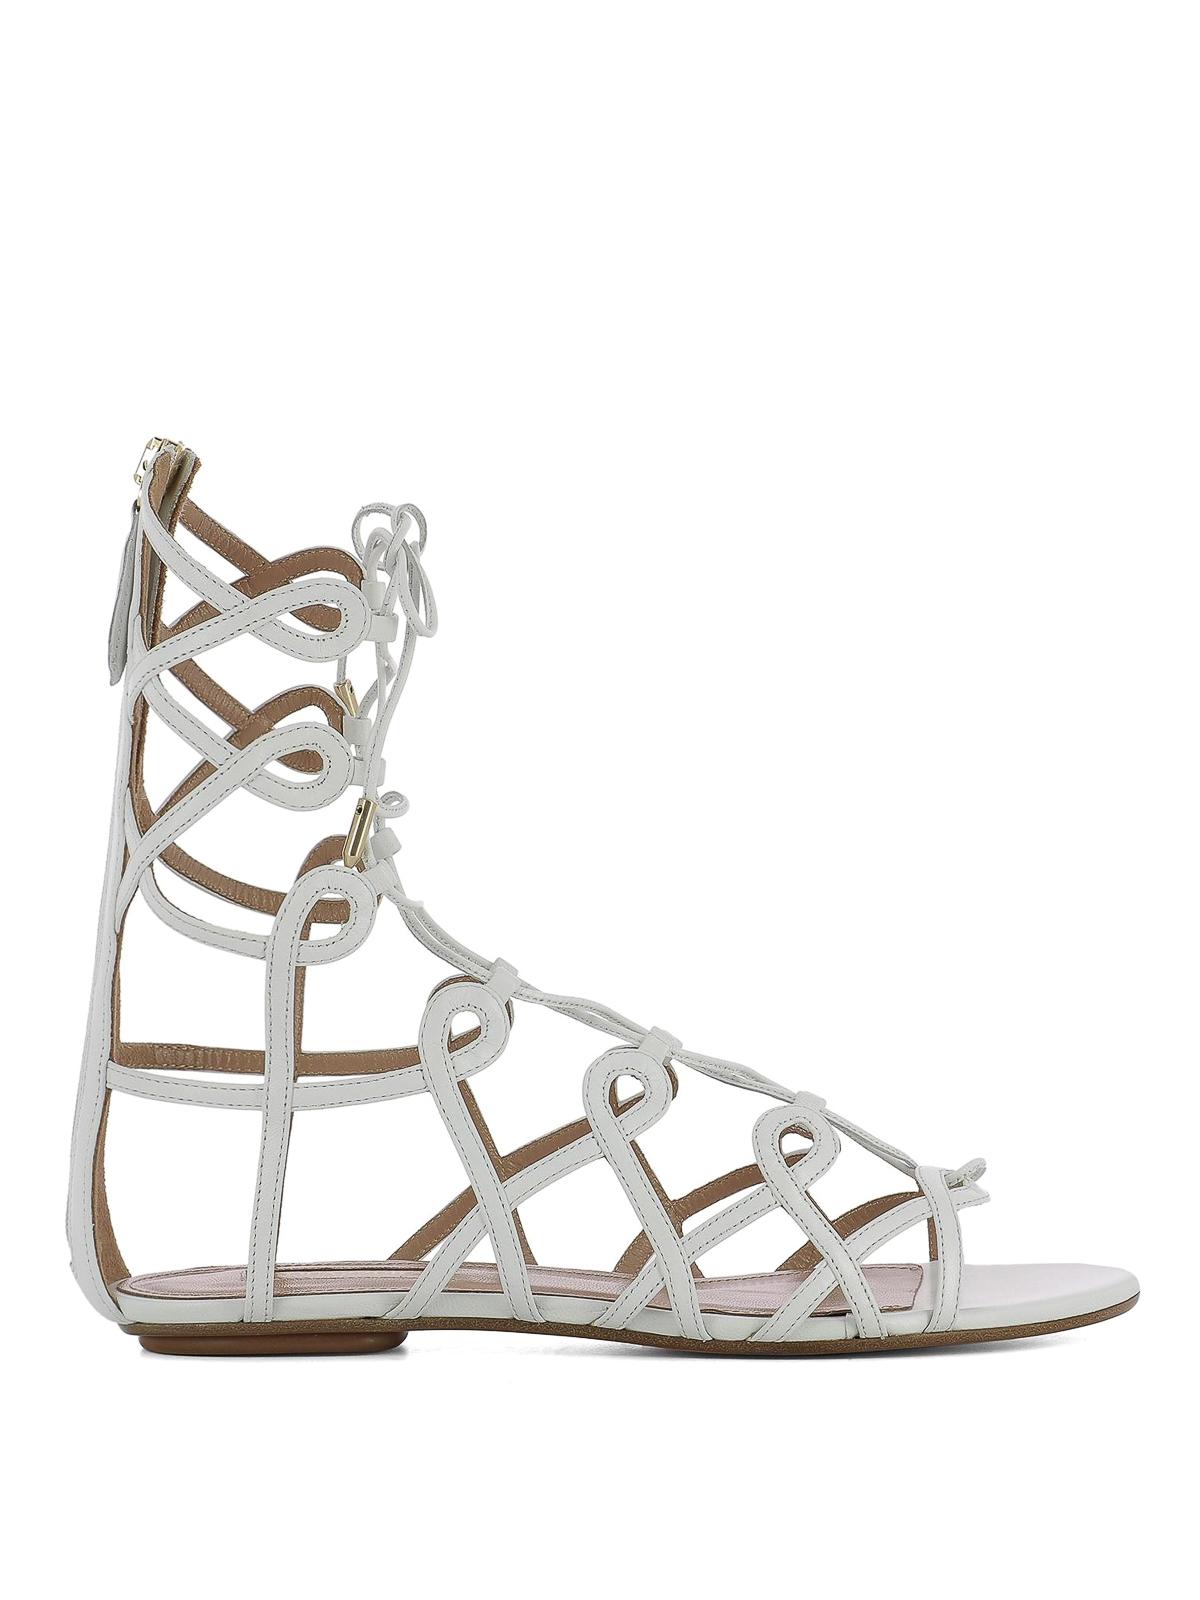 cb03f4643ed Aquazzura - Mumbai Gladiator leather sandals - sandals ...